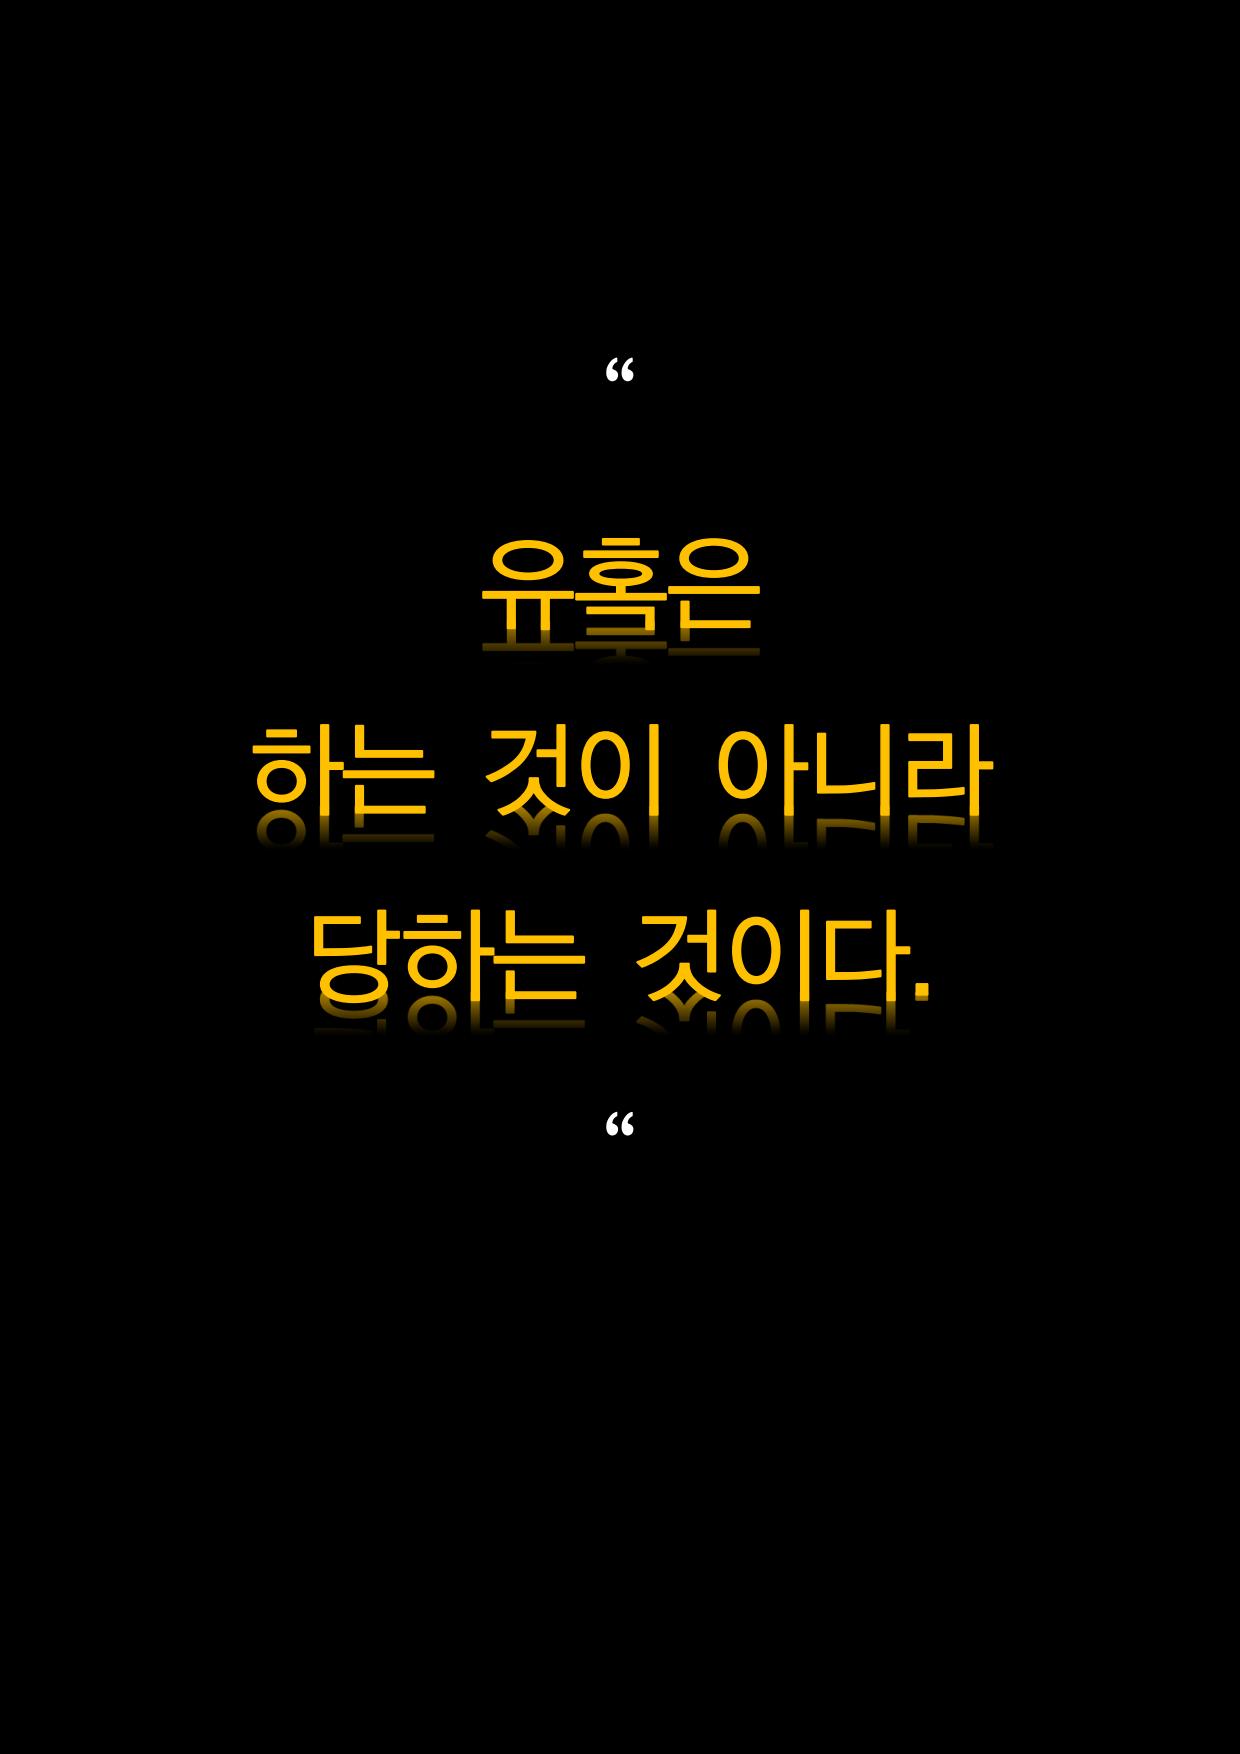 본 머티리어 1회차 홍보글(폰트 포함)_49.png